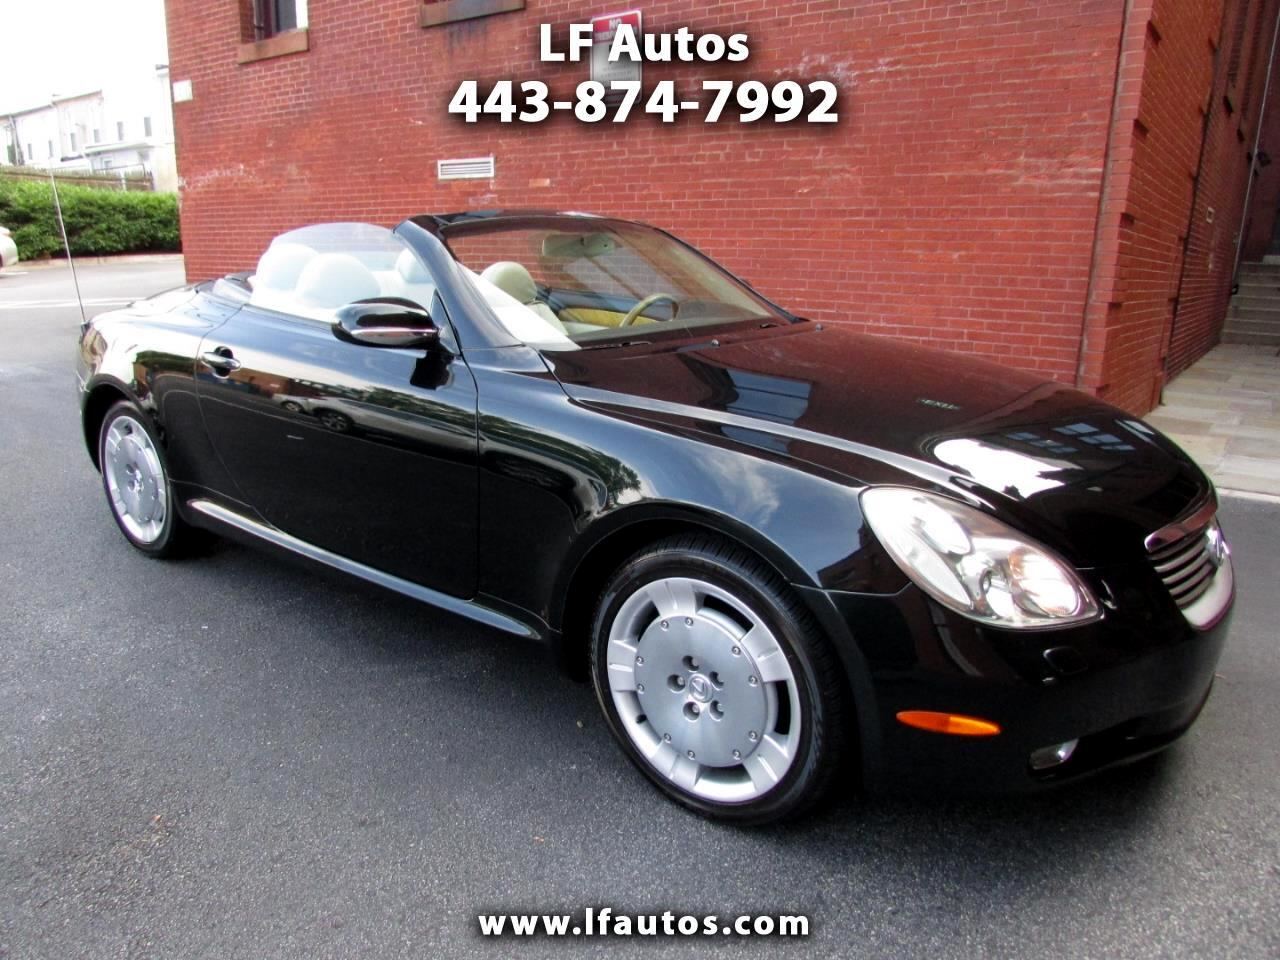 2005 Lexus SC 430 2dr Convertible